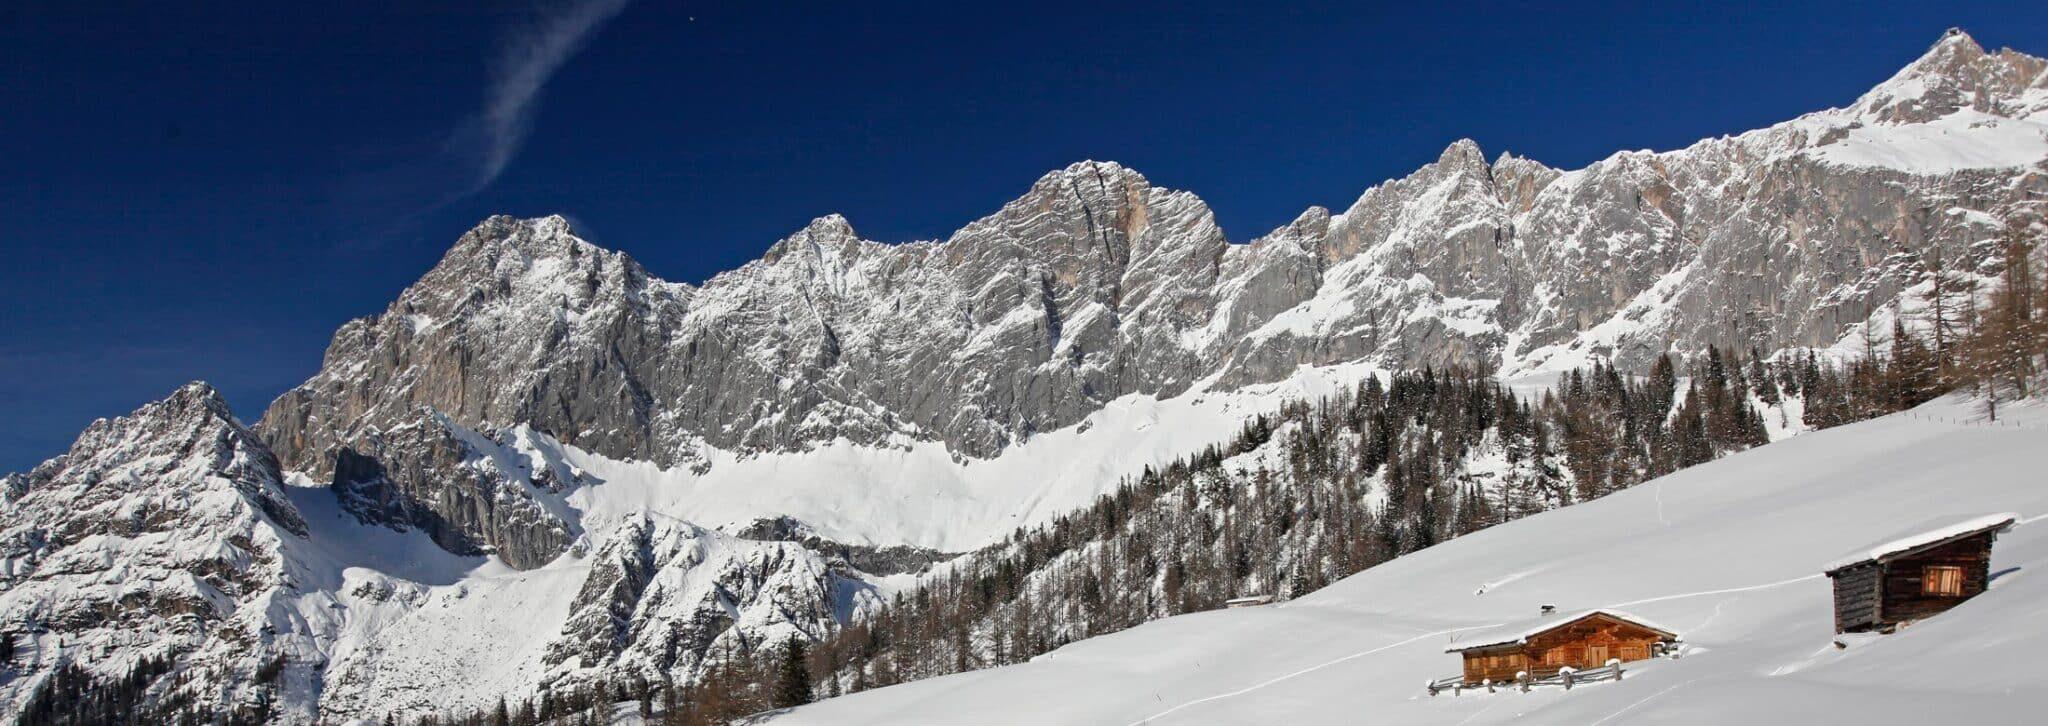 Dachstein im Winter mit Neustadtalm